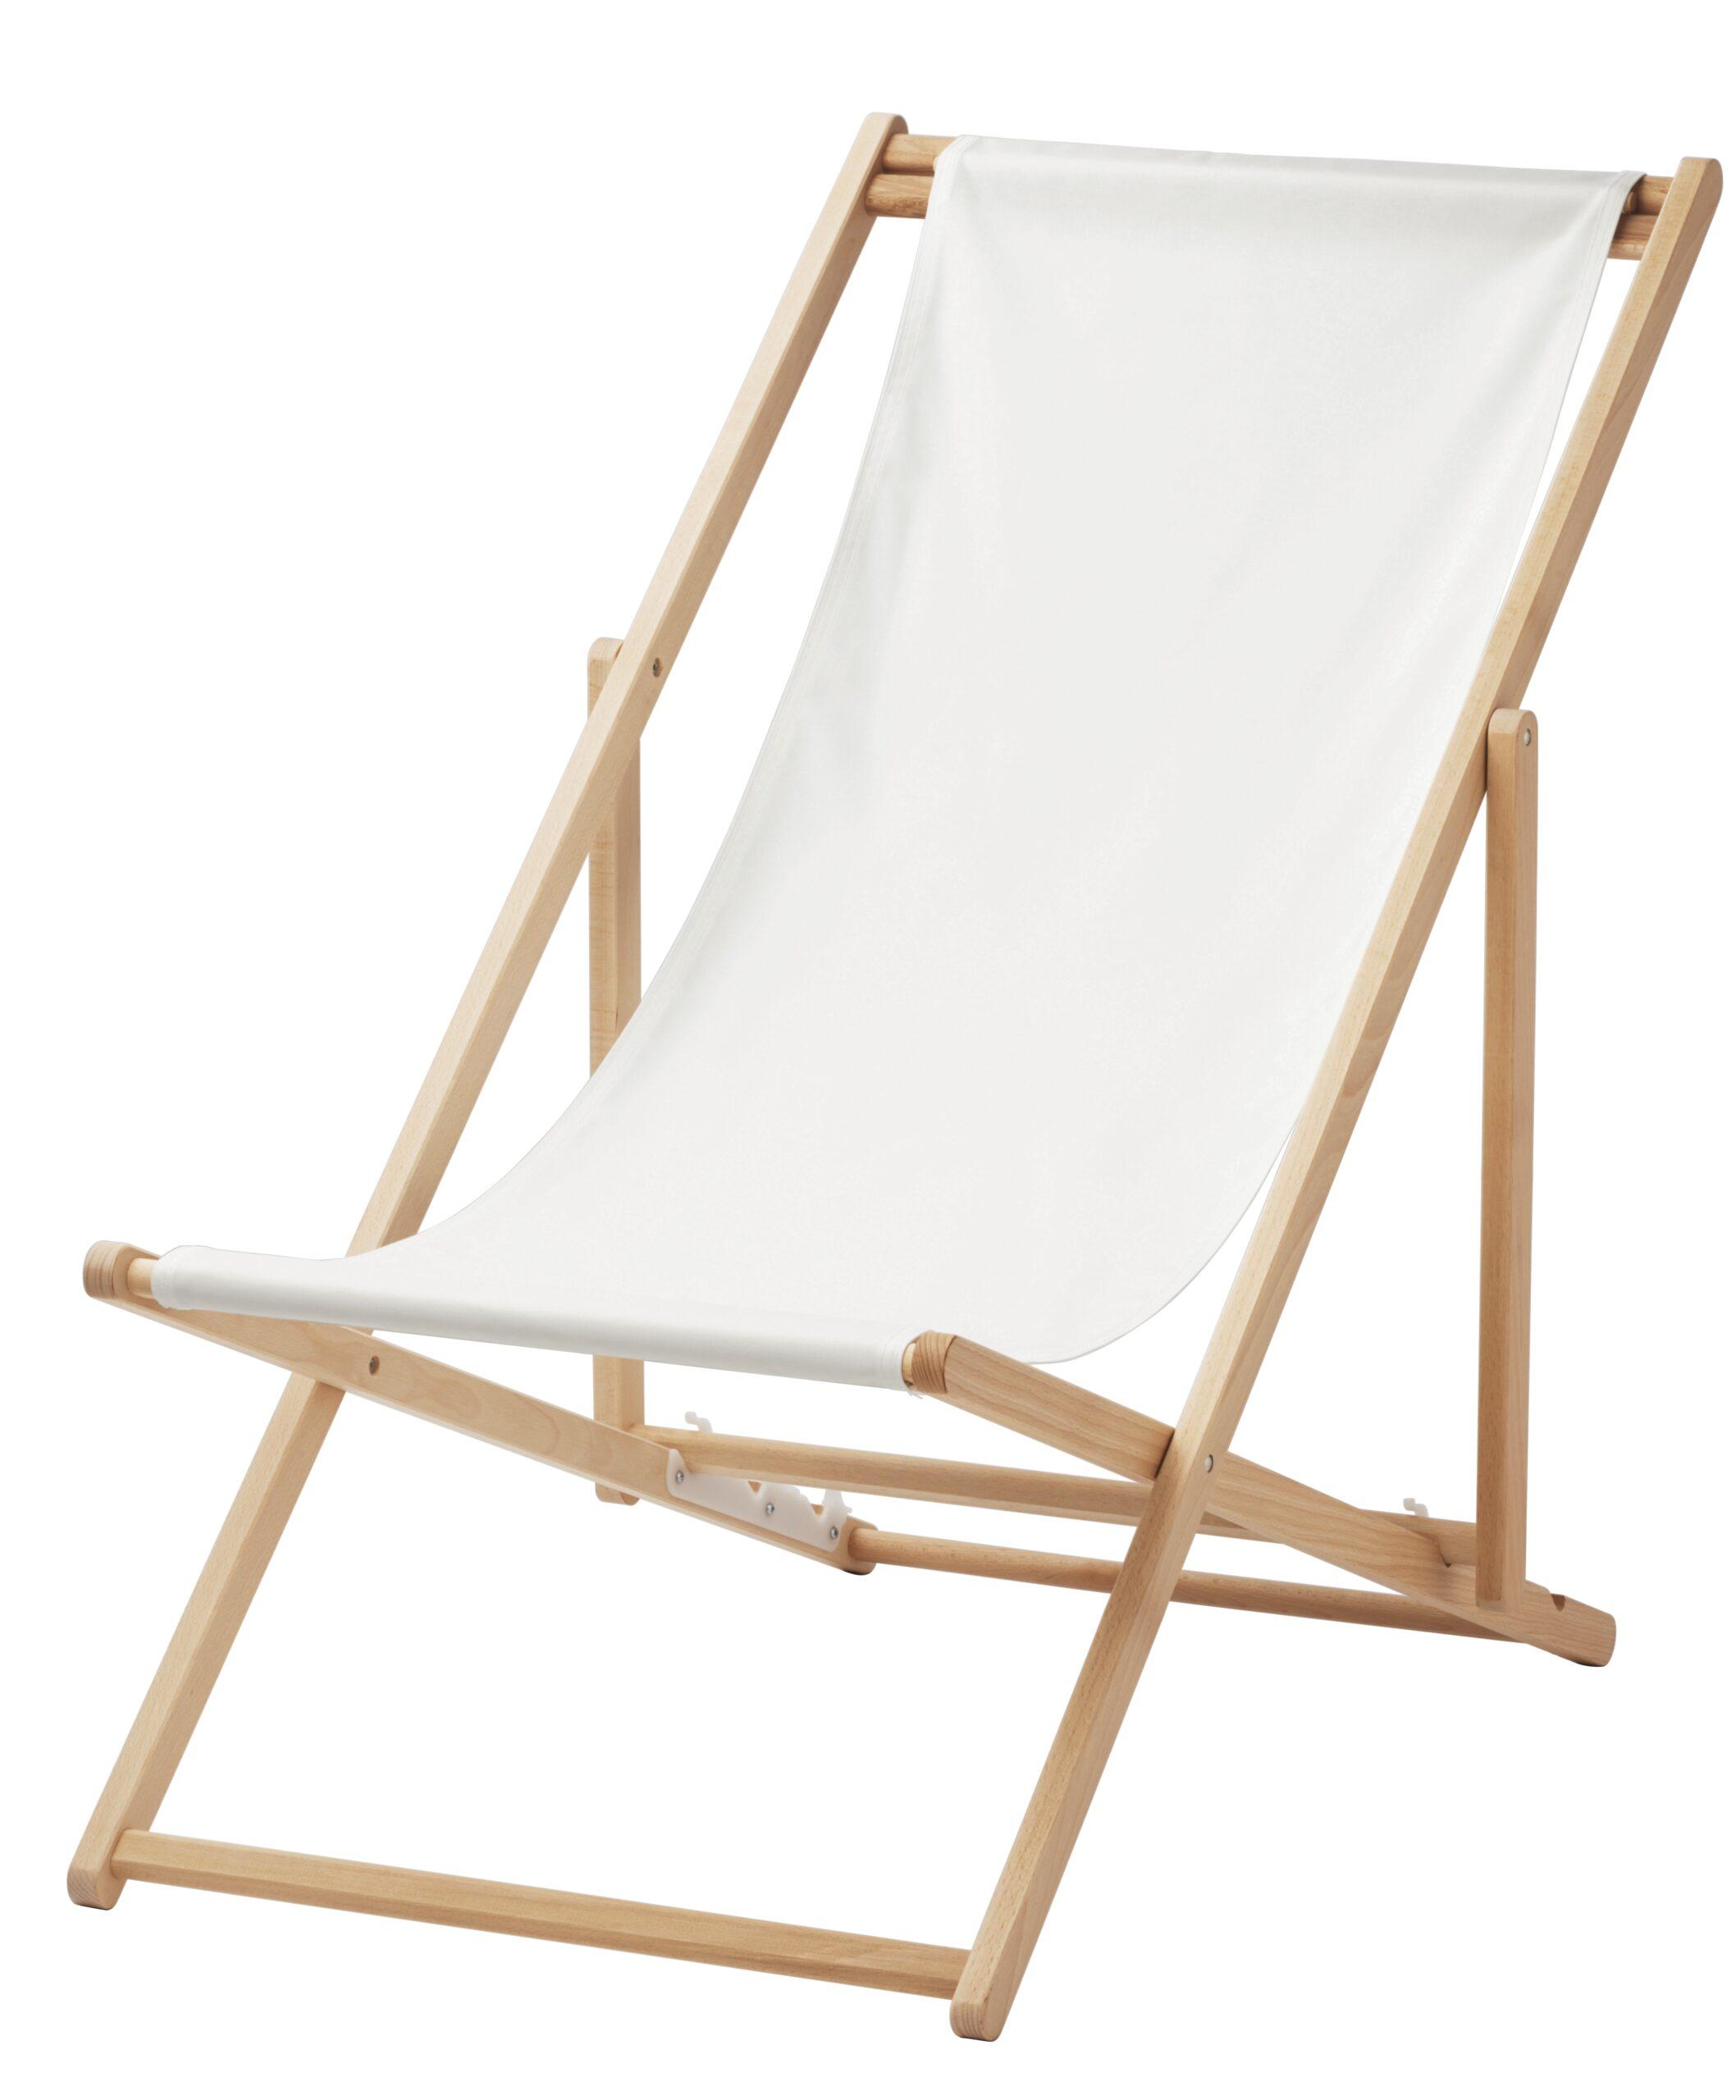 Full Size of Liegestuhl Klappbar Ikea Holz Sofa Mit Schlaffunktion Modulküche Küche Kosten Garten Betten 160x200 Bett Ausklappbar Ausklappbares Bei Kaufen Miniküche Wohnzimmer Liegestuhl Klappbar Ikea